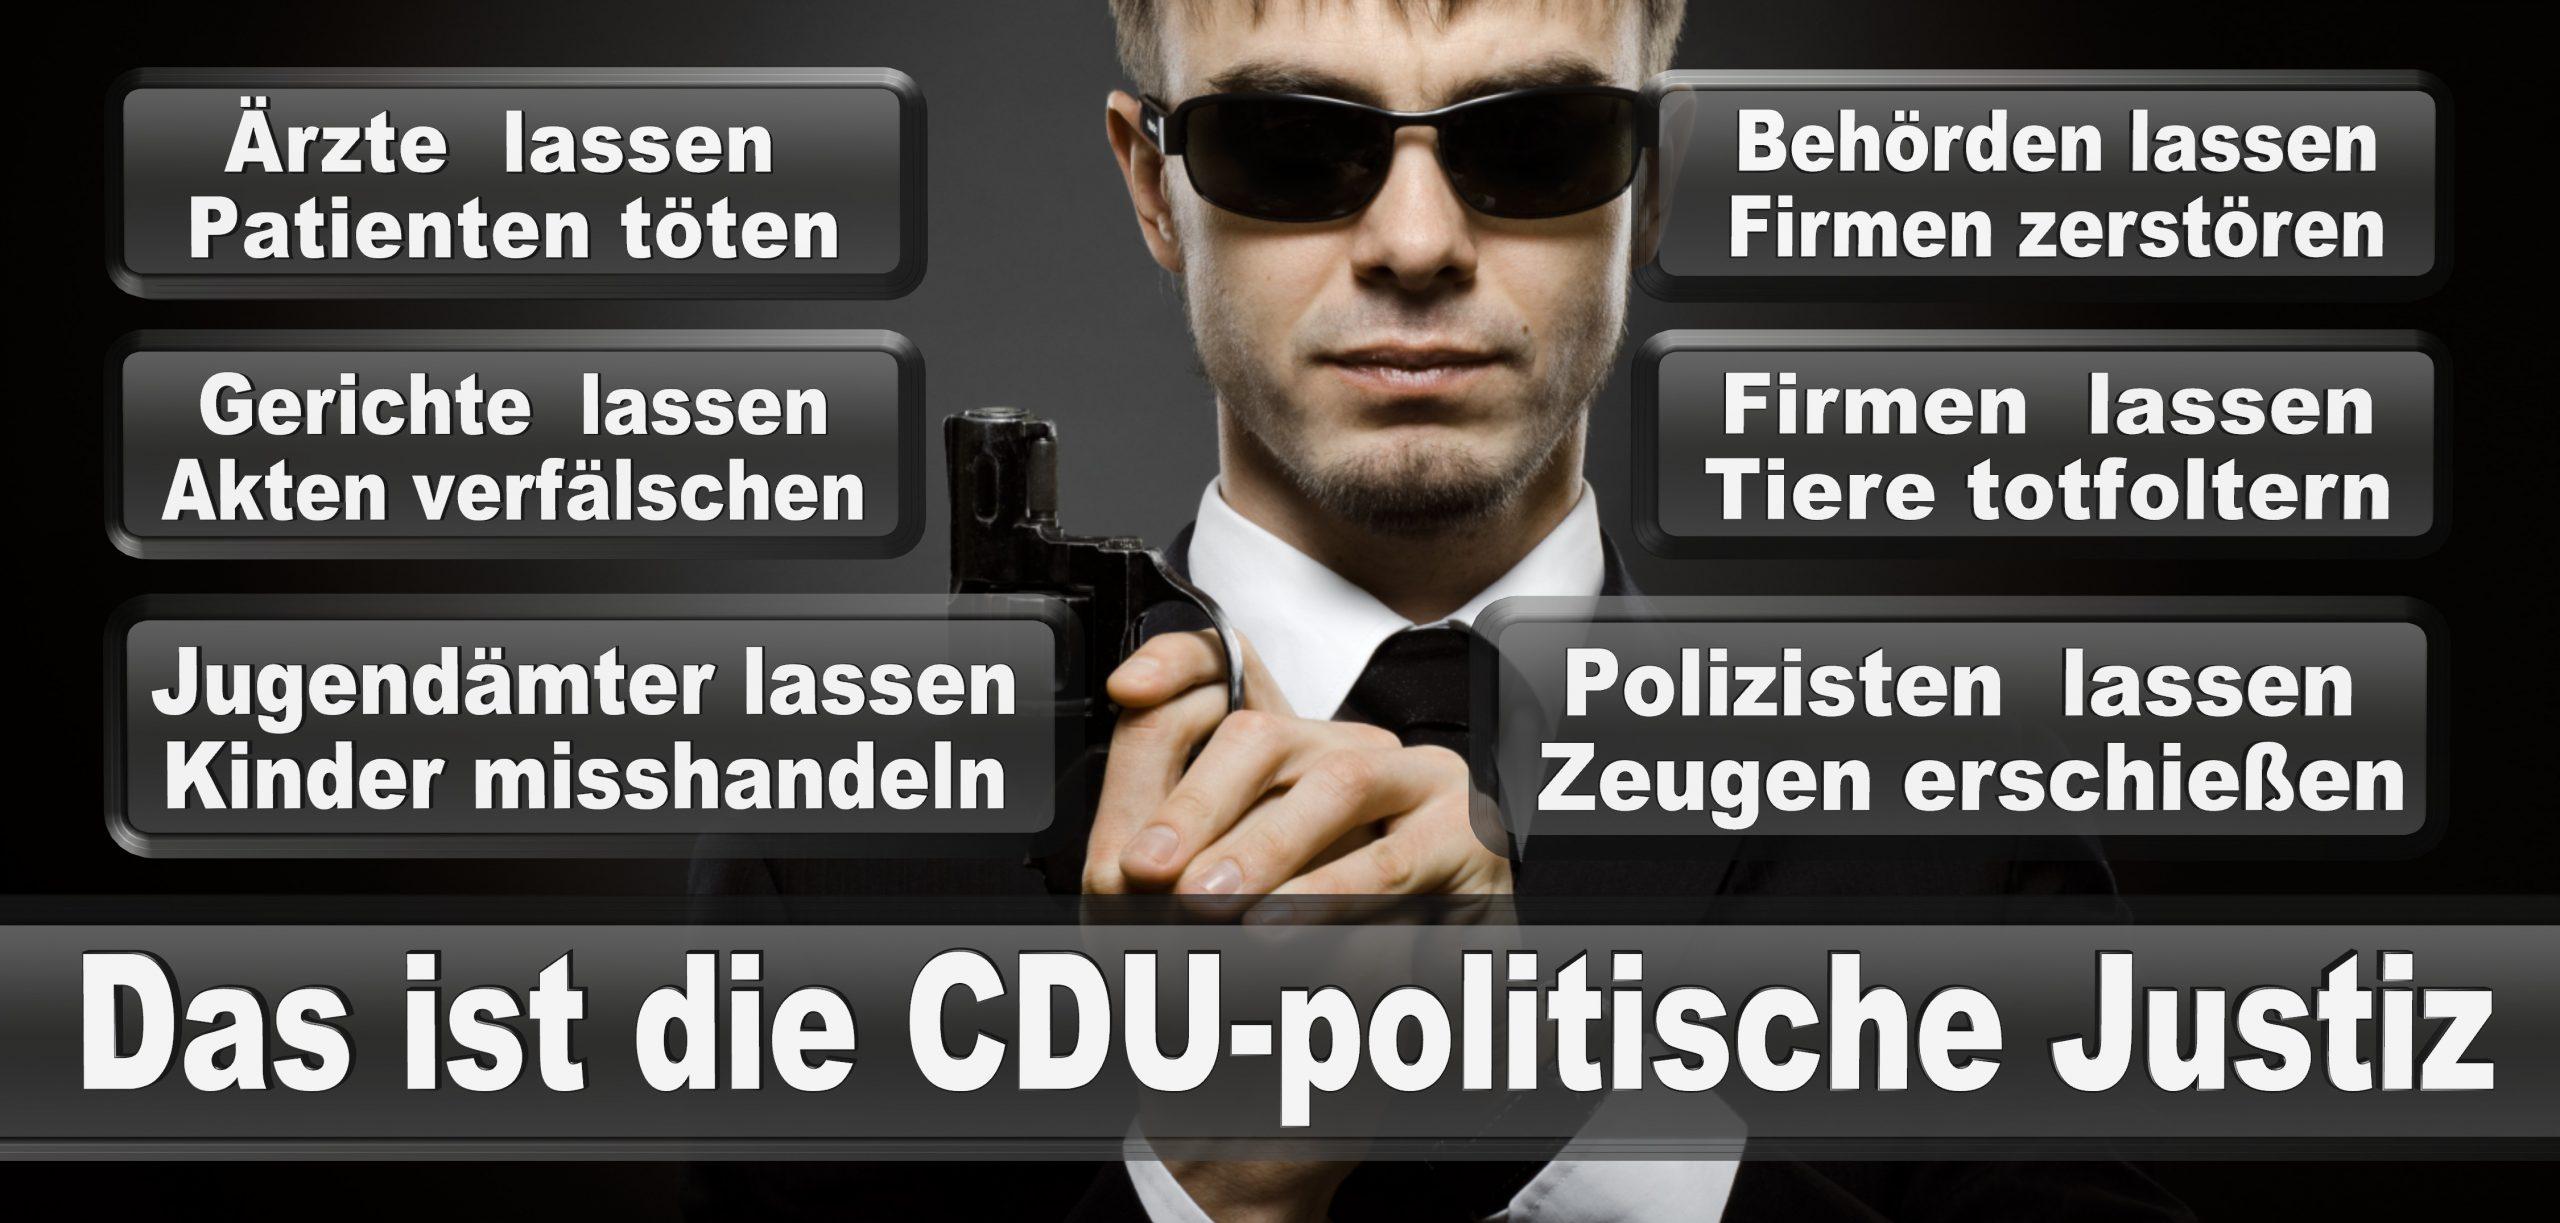 Bundestagswahl 2021 Wahlplakate CDU SPD FDP AFD Grüne Linke Stimmzettel Prognose Umfrage Kandidaten Parteien Datum (69)